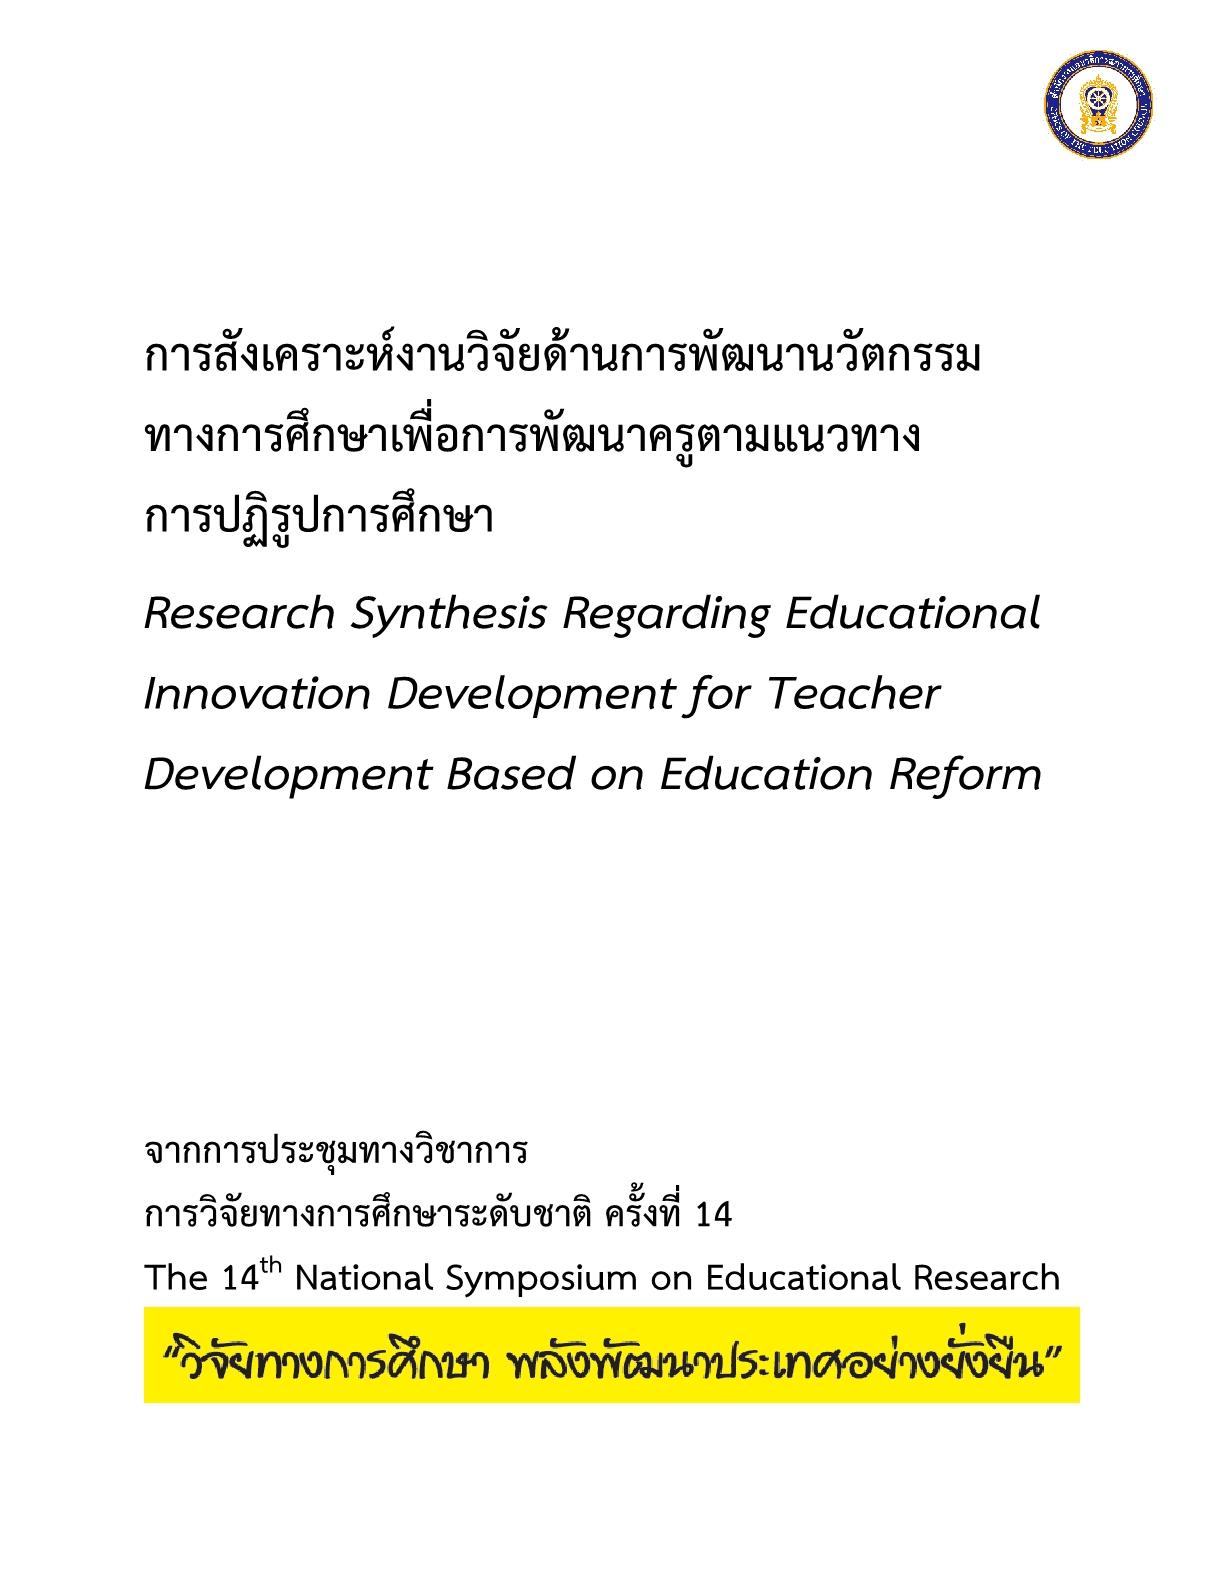 การสังเคราะห์งานวิจัยด้านการพัฒนานวัตกรรมทางการศึกษาเพื่อการพัฒนาครูตามแนวทางการปฏิรูปการศึกษา